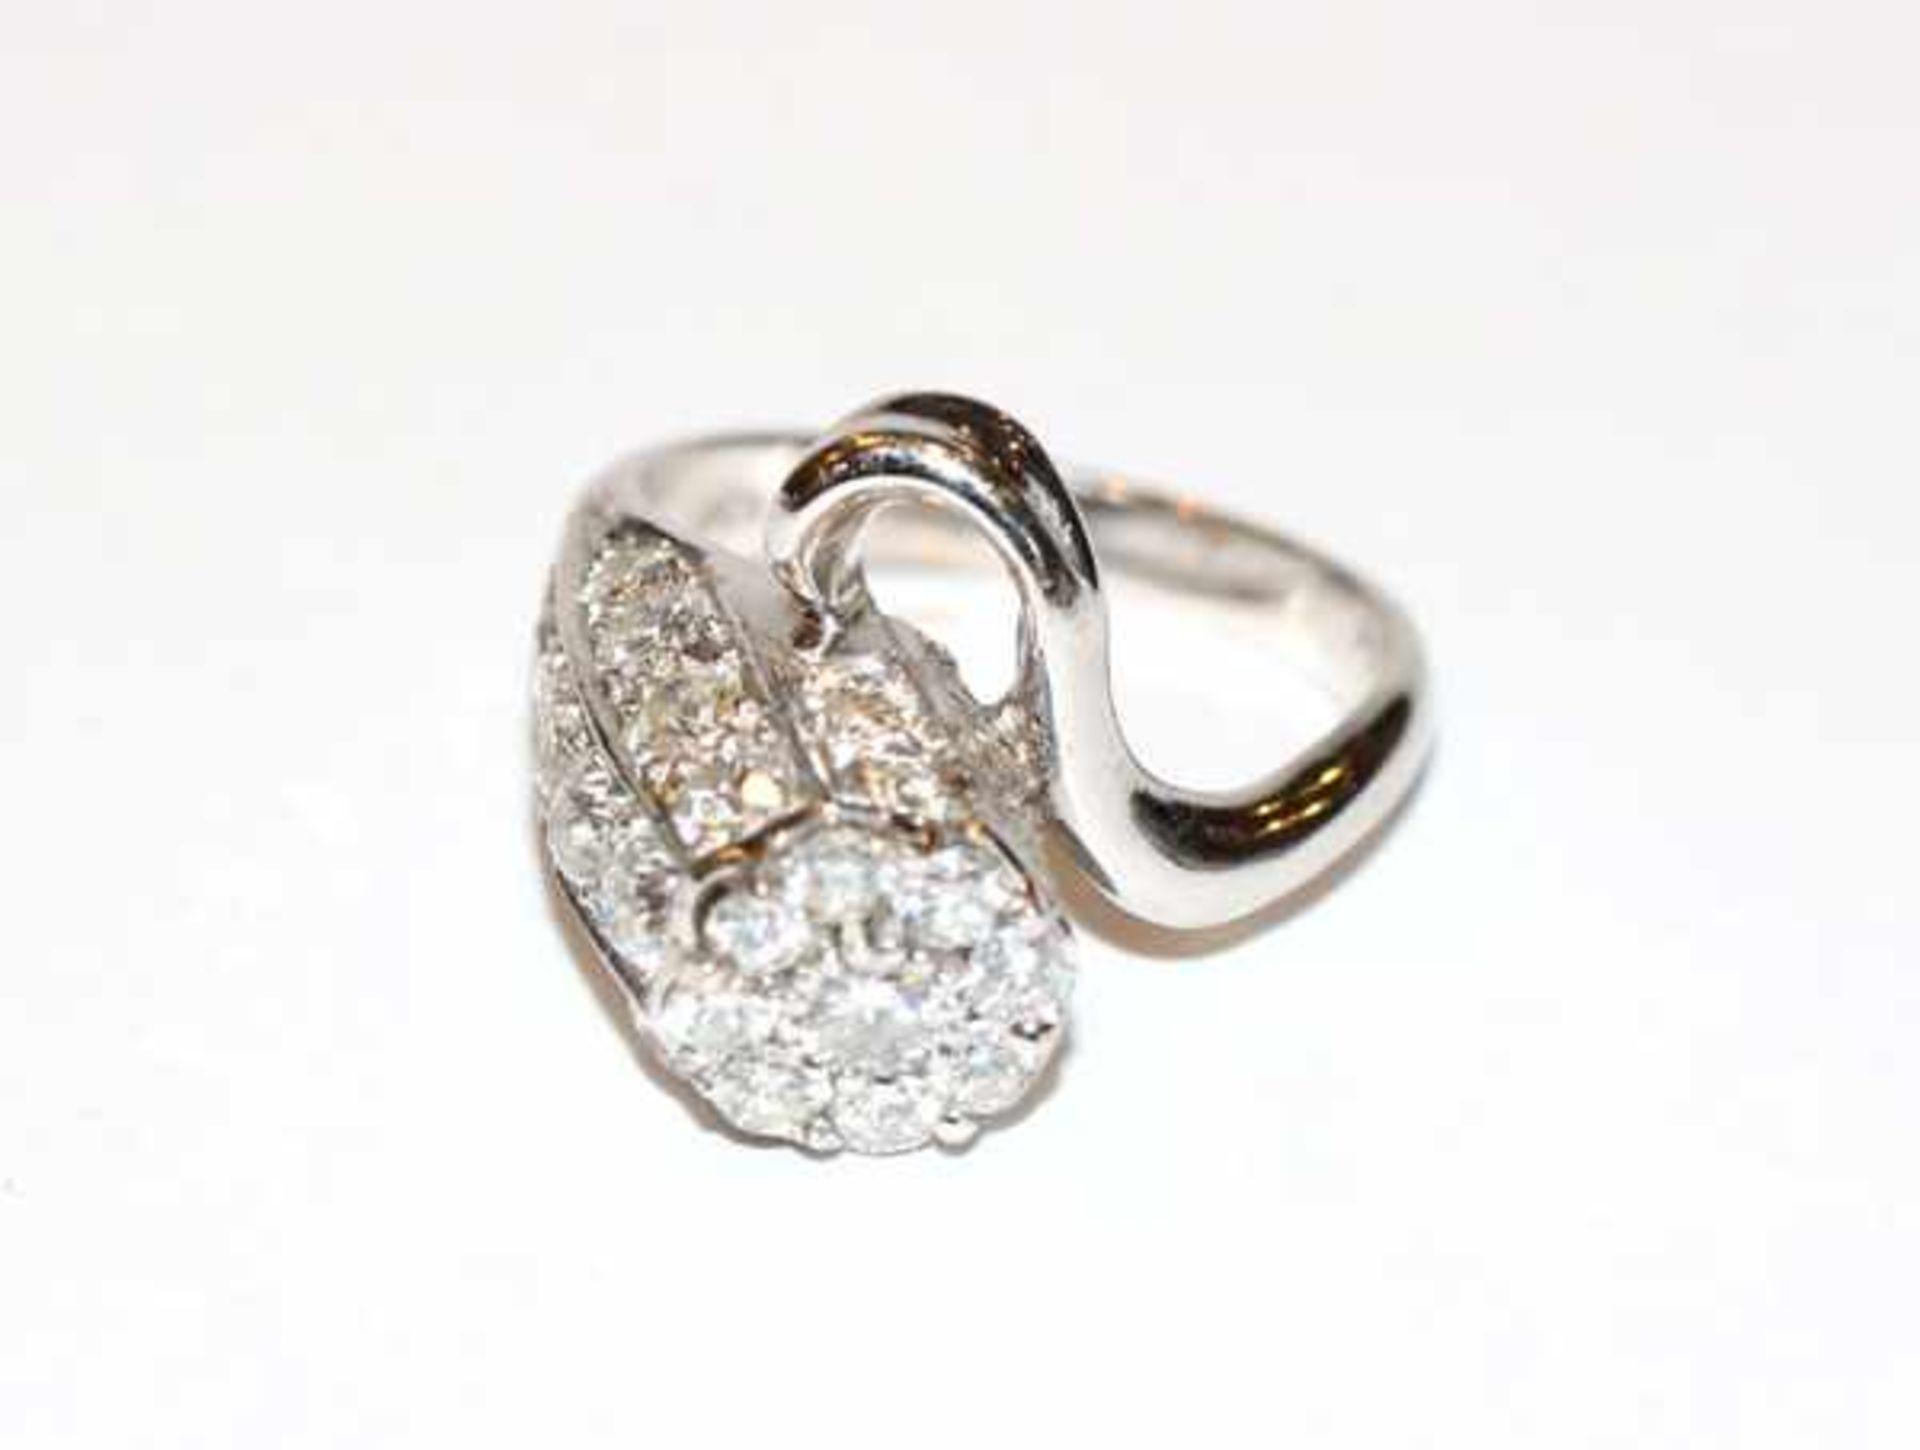 Los 94 - 18 k Weißgold Designer Ring mit ca. 3 ct. Diamanten, Gr. 61, sehr schöne Handarbeit